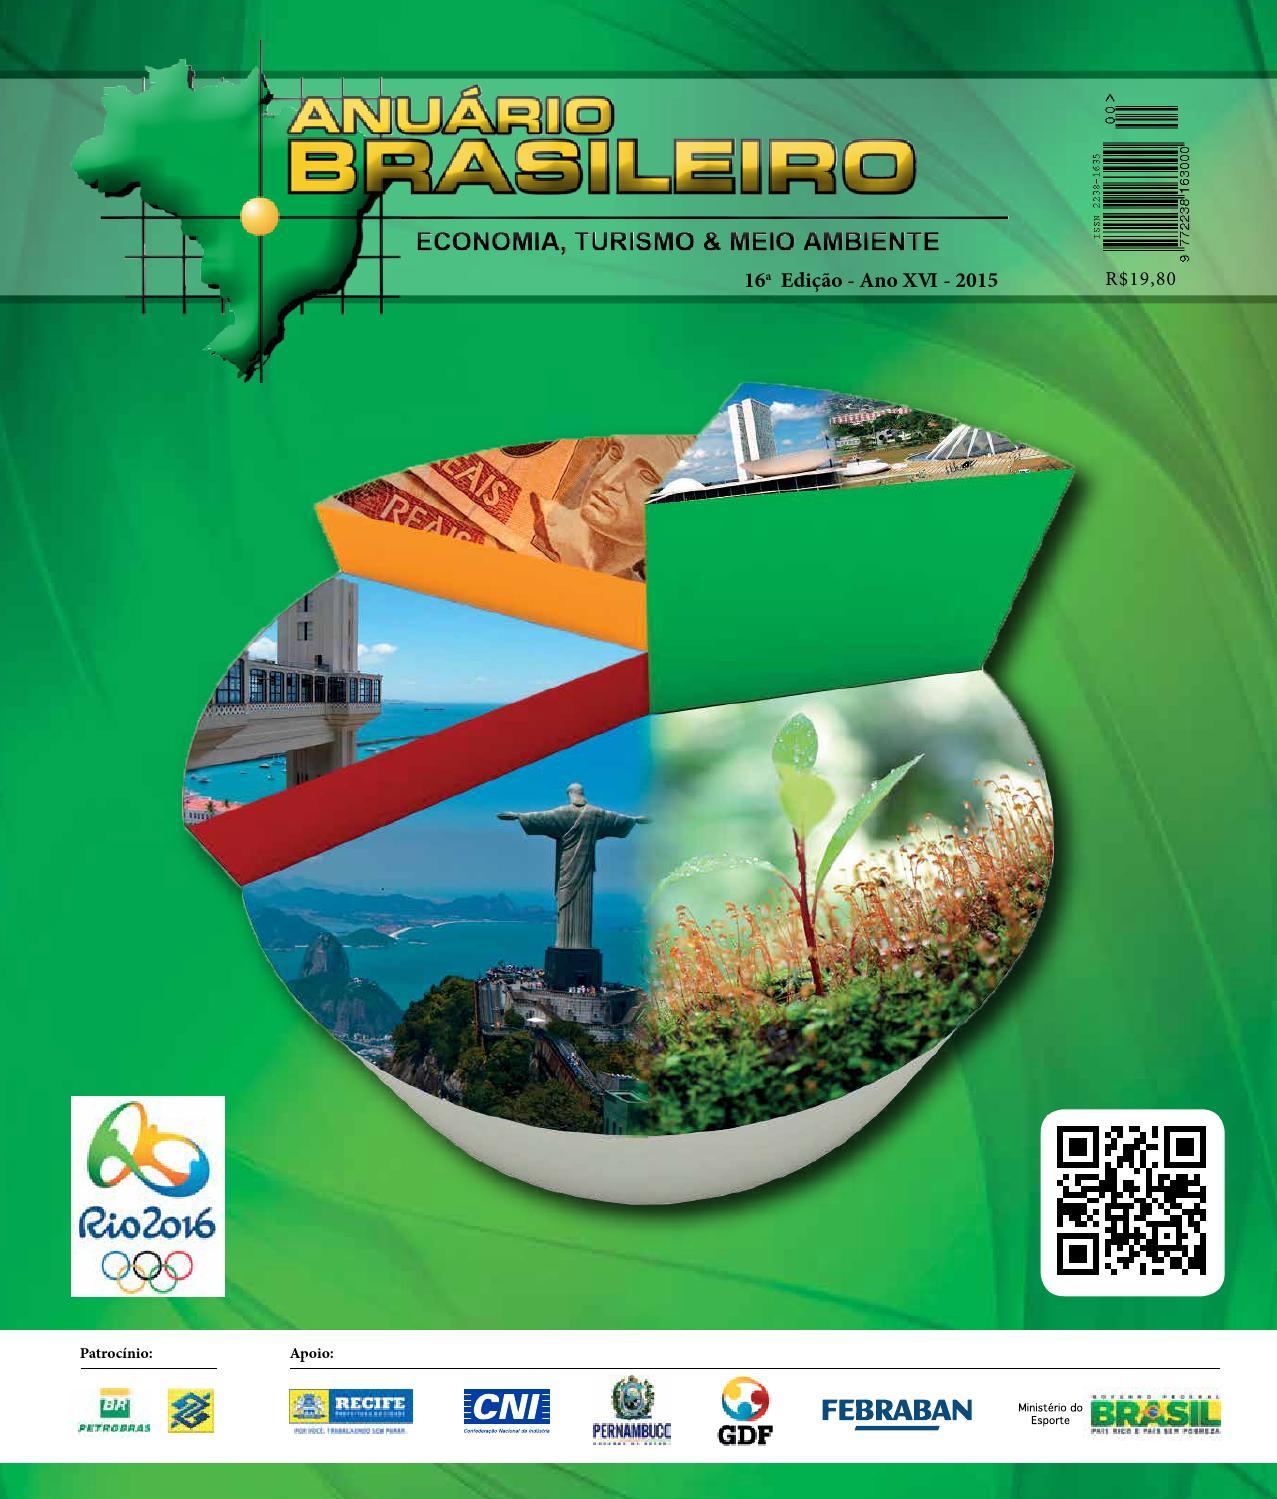 Anuário 2015 by Fábio R. de Souza - issuu 68be9be1d05e3